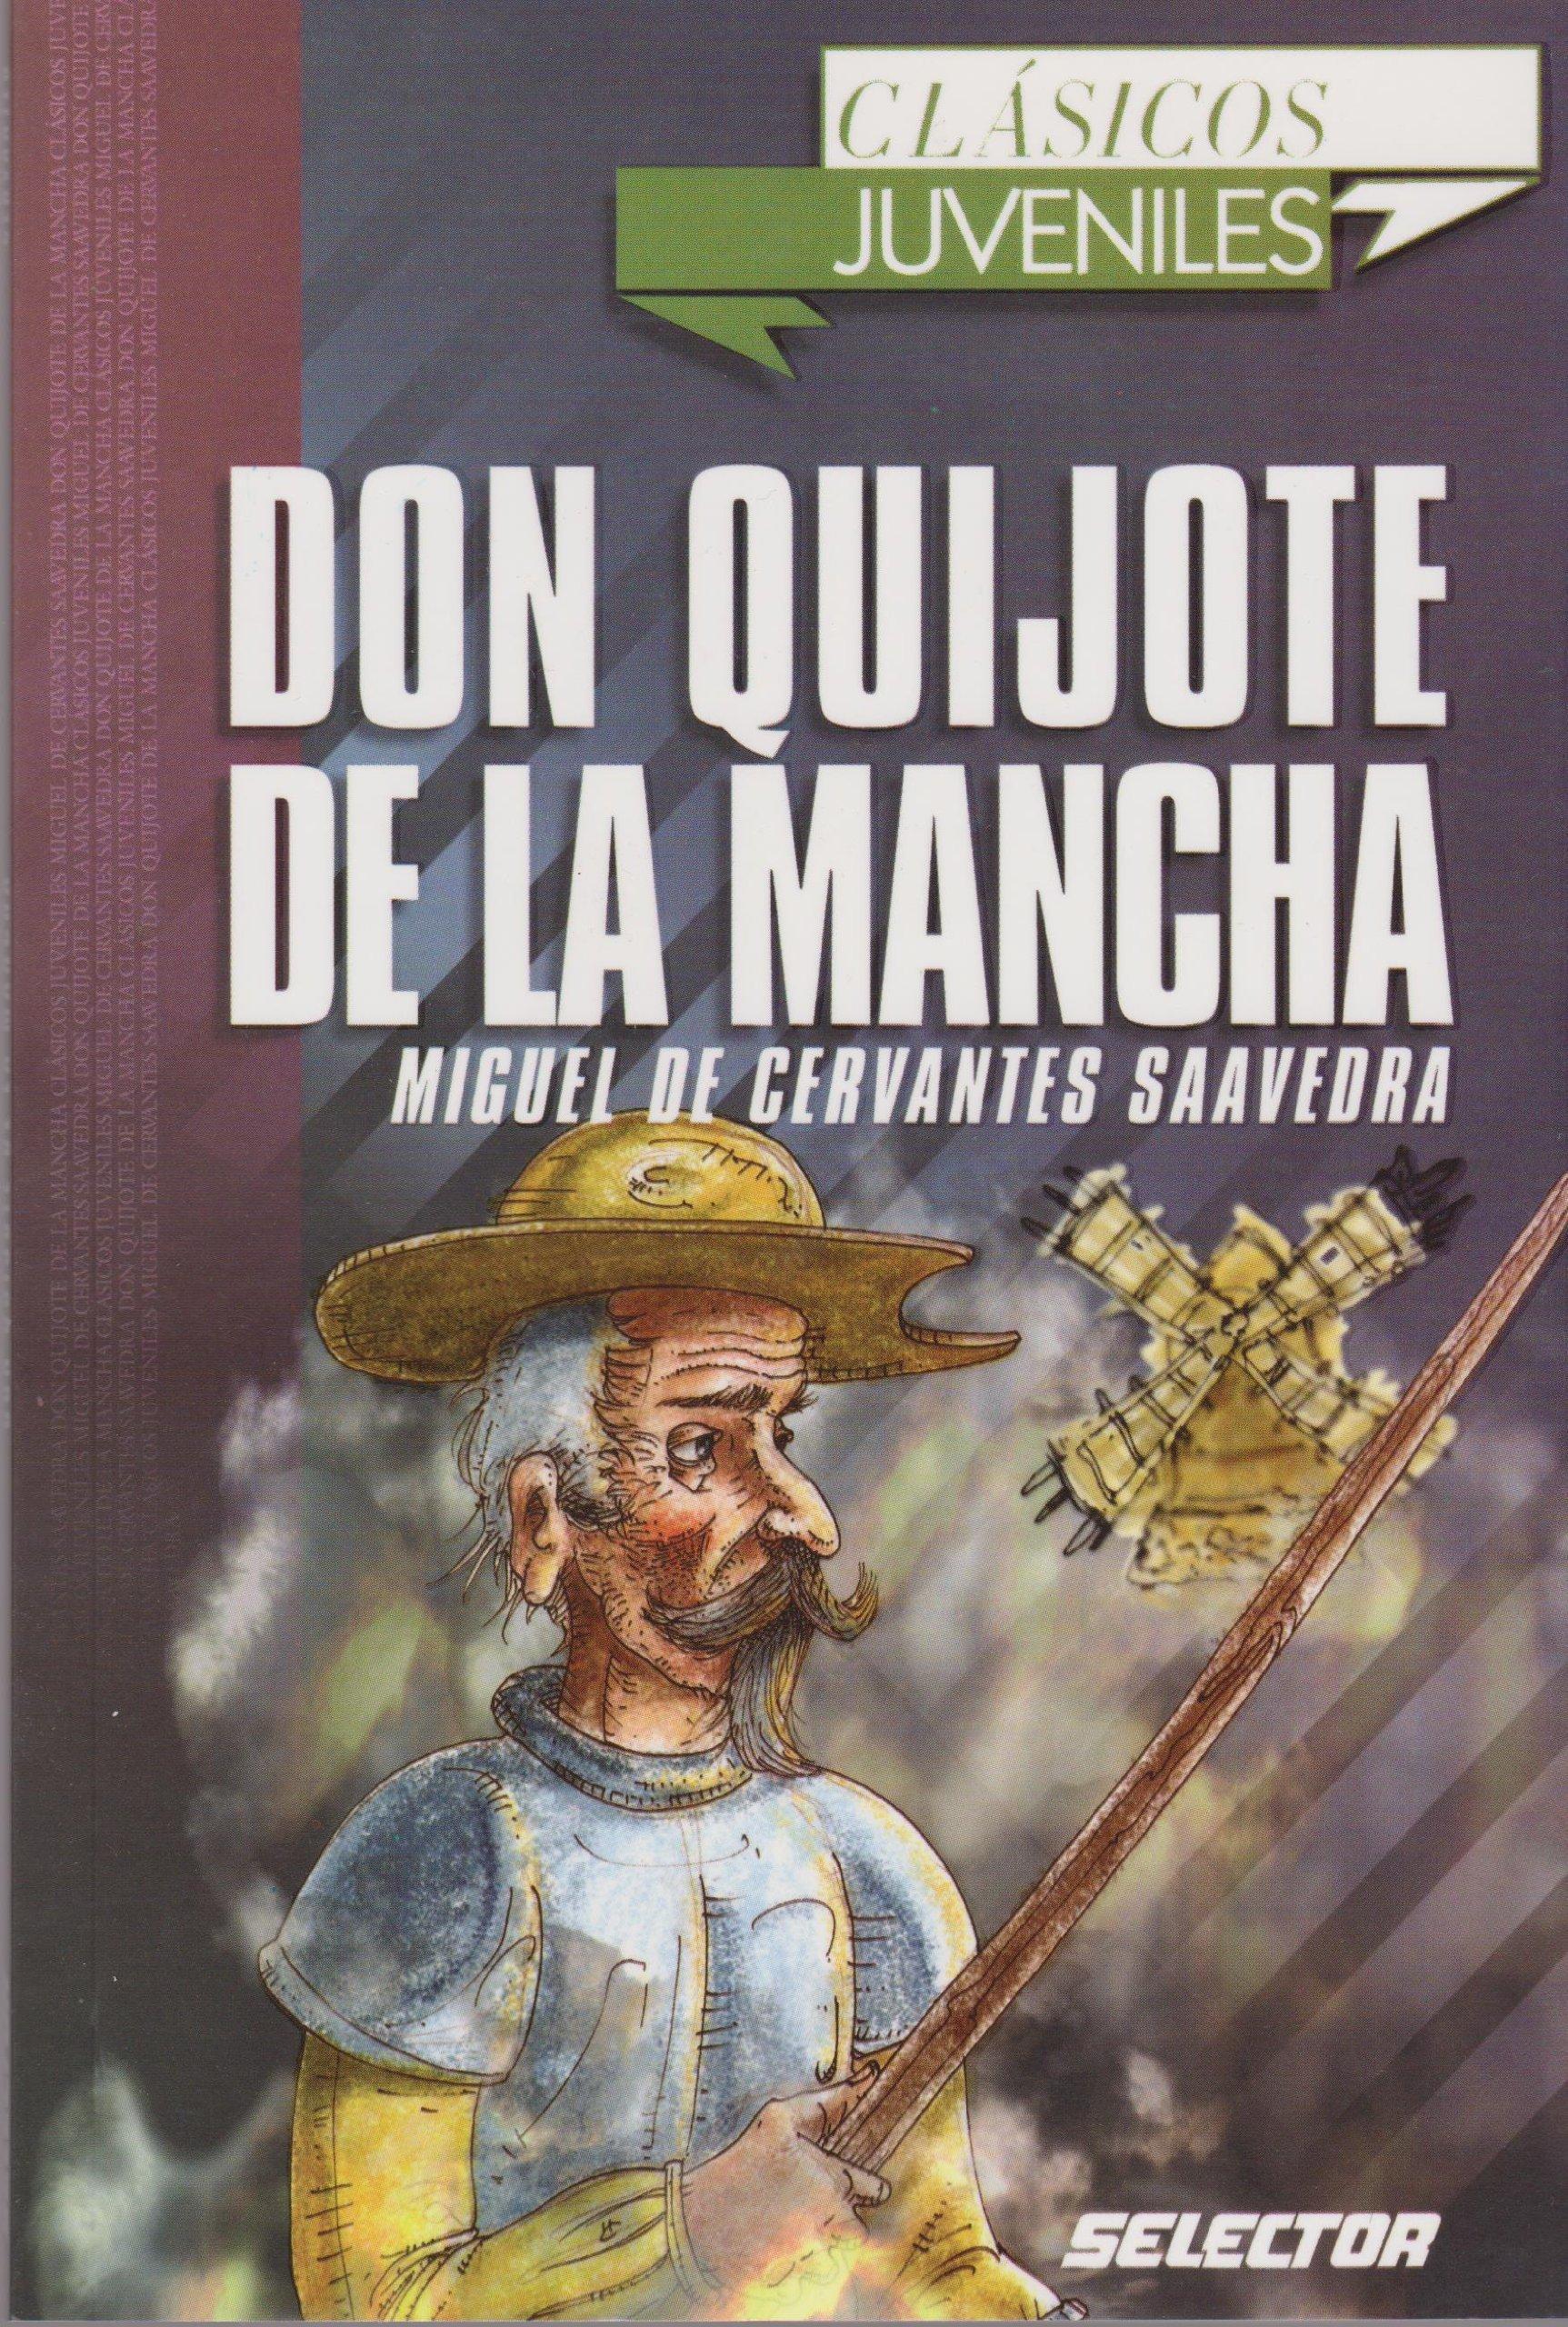 Don Quijote De La Mancha/ Don Quixote De La Mancha (Clasicos Juveniles / Juvenile Classics) (Spanish Edition) PDF